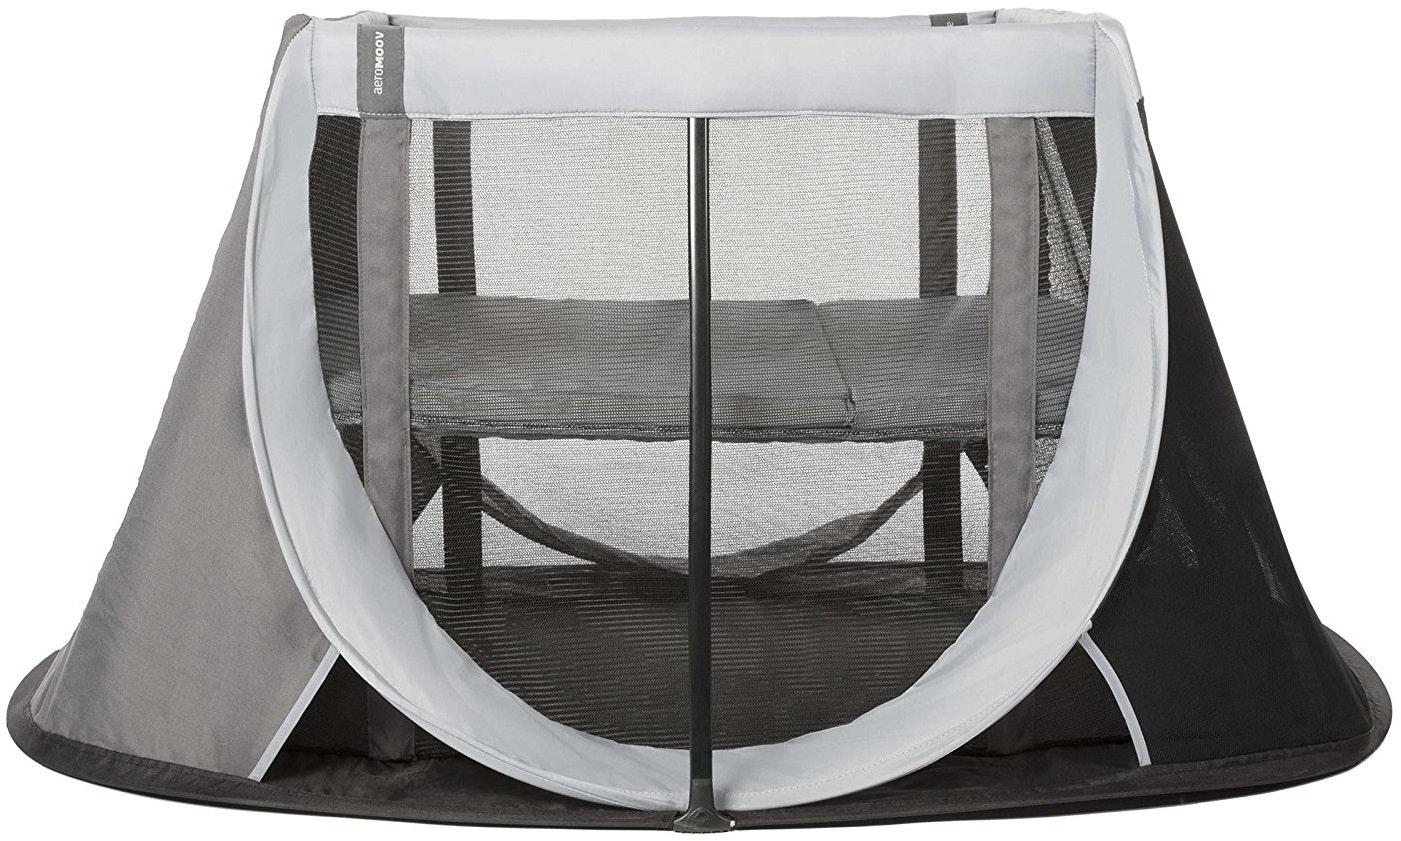 lit de voyage light de babybjrn la housse de matelas et la housse du lit sont certifies oeko. Black Bedroom Furniture Sets. Home Design Ideas